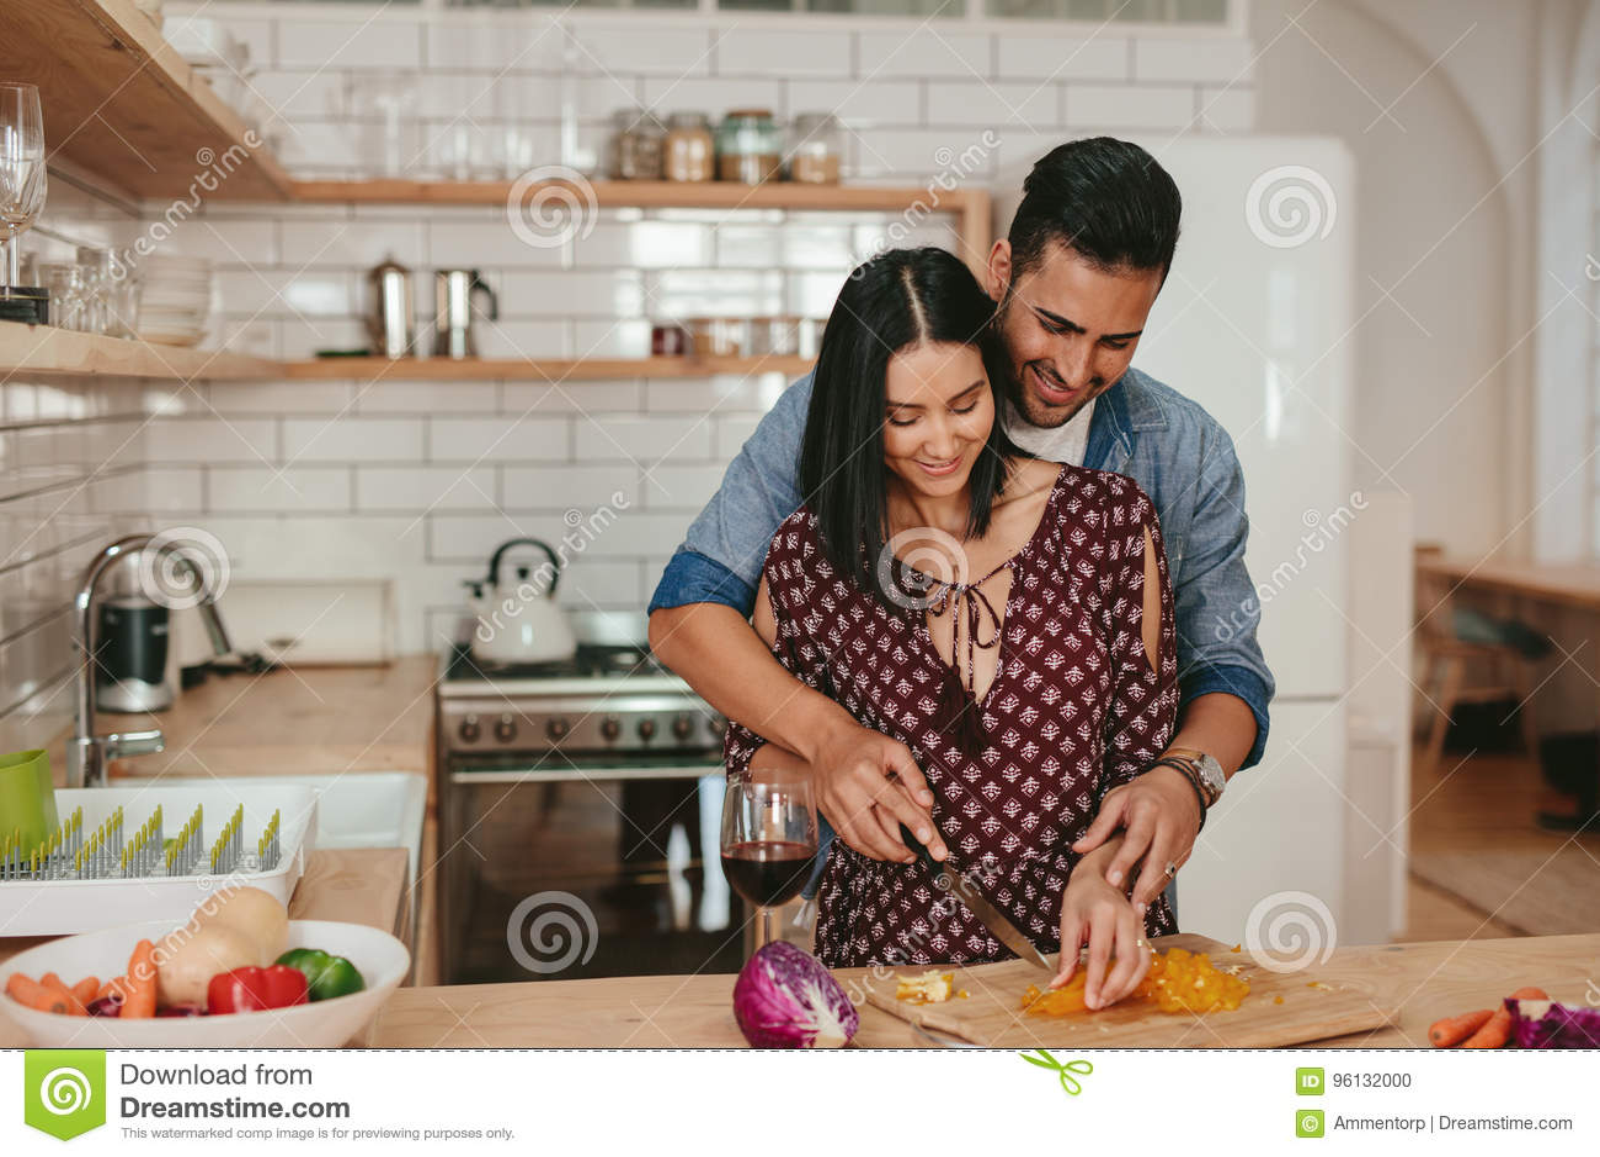 Couples romantiques faisant cuire dans la cuisine la maison photo stock image du pr paration - Couple faisant l amour dans la cuisine ...